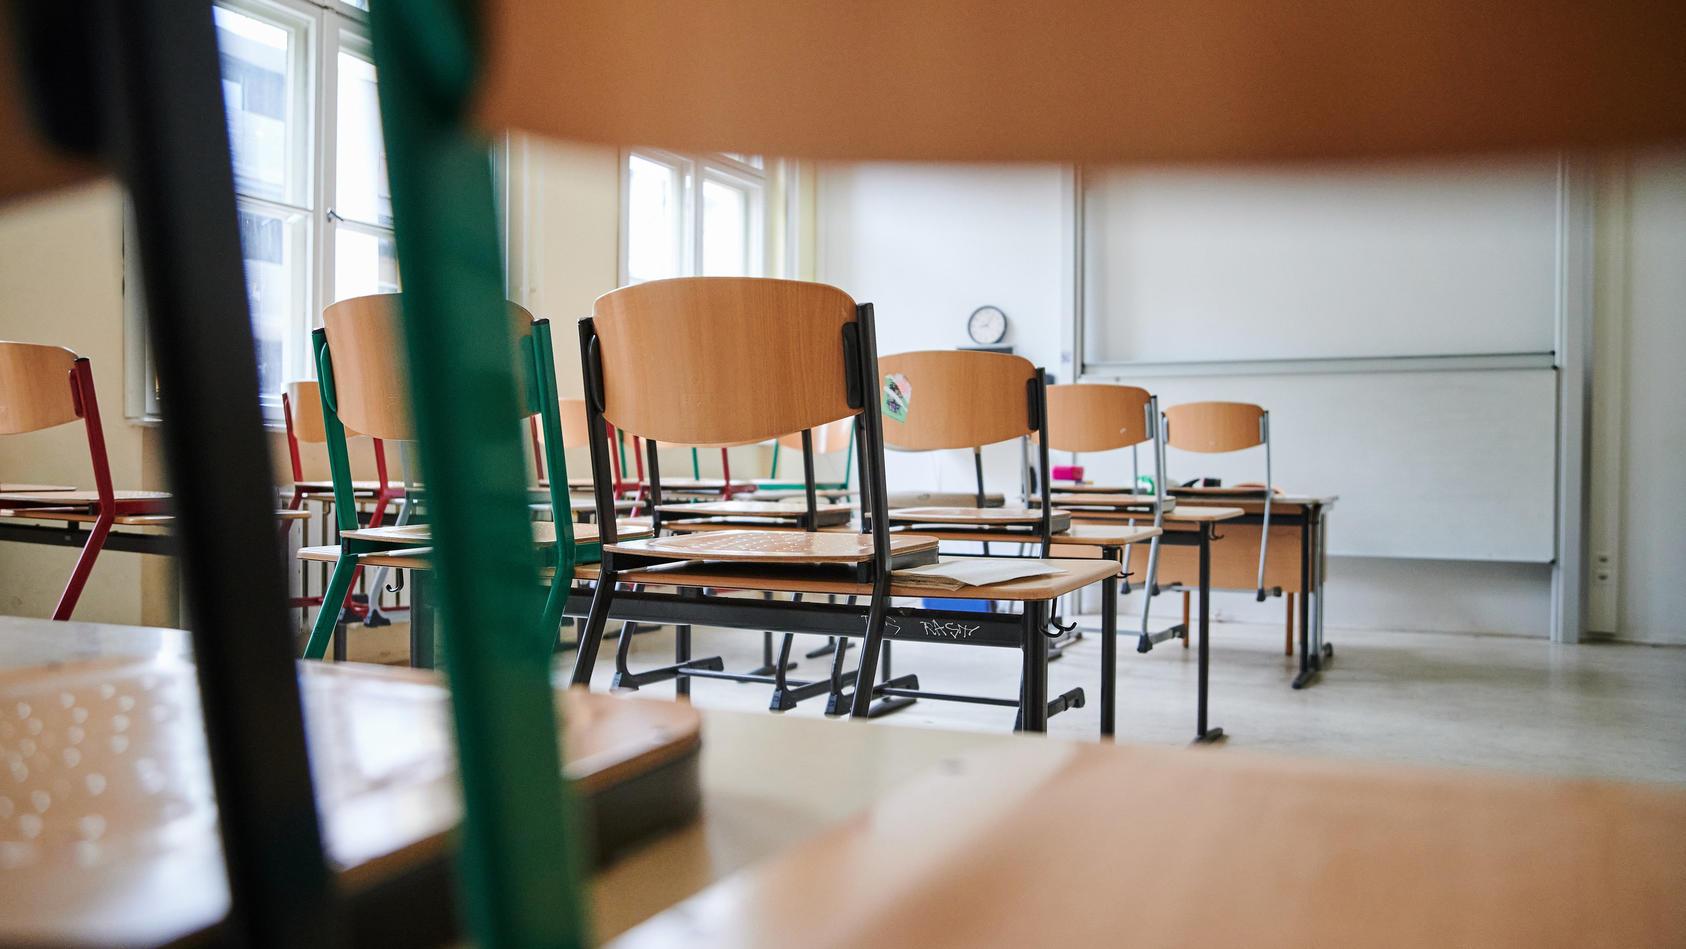 Laut der aktuellen OECD-Studie war der Unterricht seit Beginn der Corona-Pandemie bis zum Auslaufen der Schulschließungen im Frühjahr im Schnitt an mehr als 180 Tagen gestört.